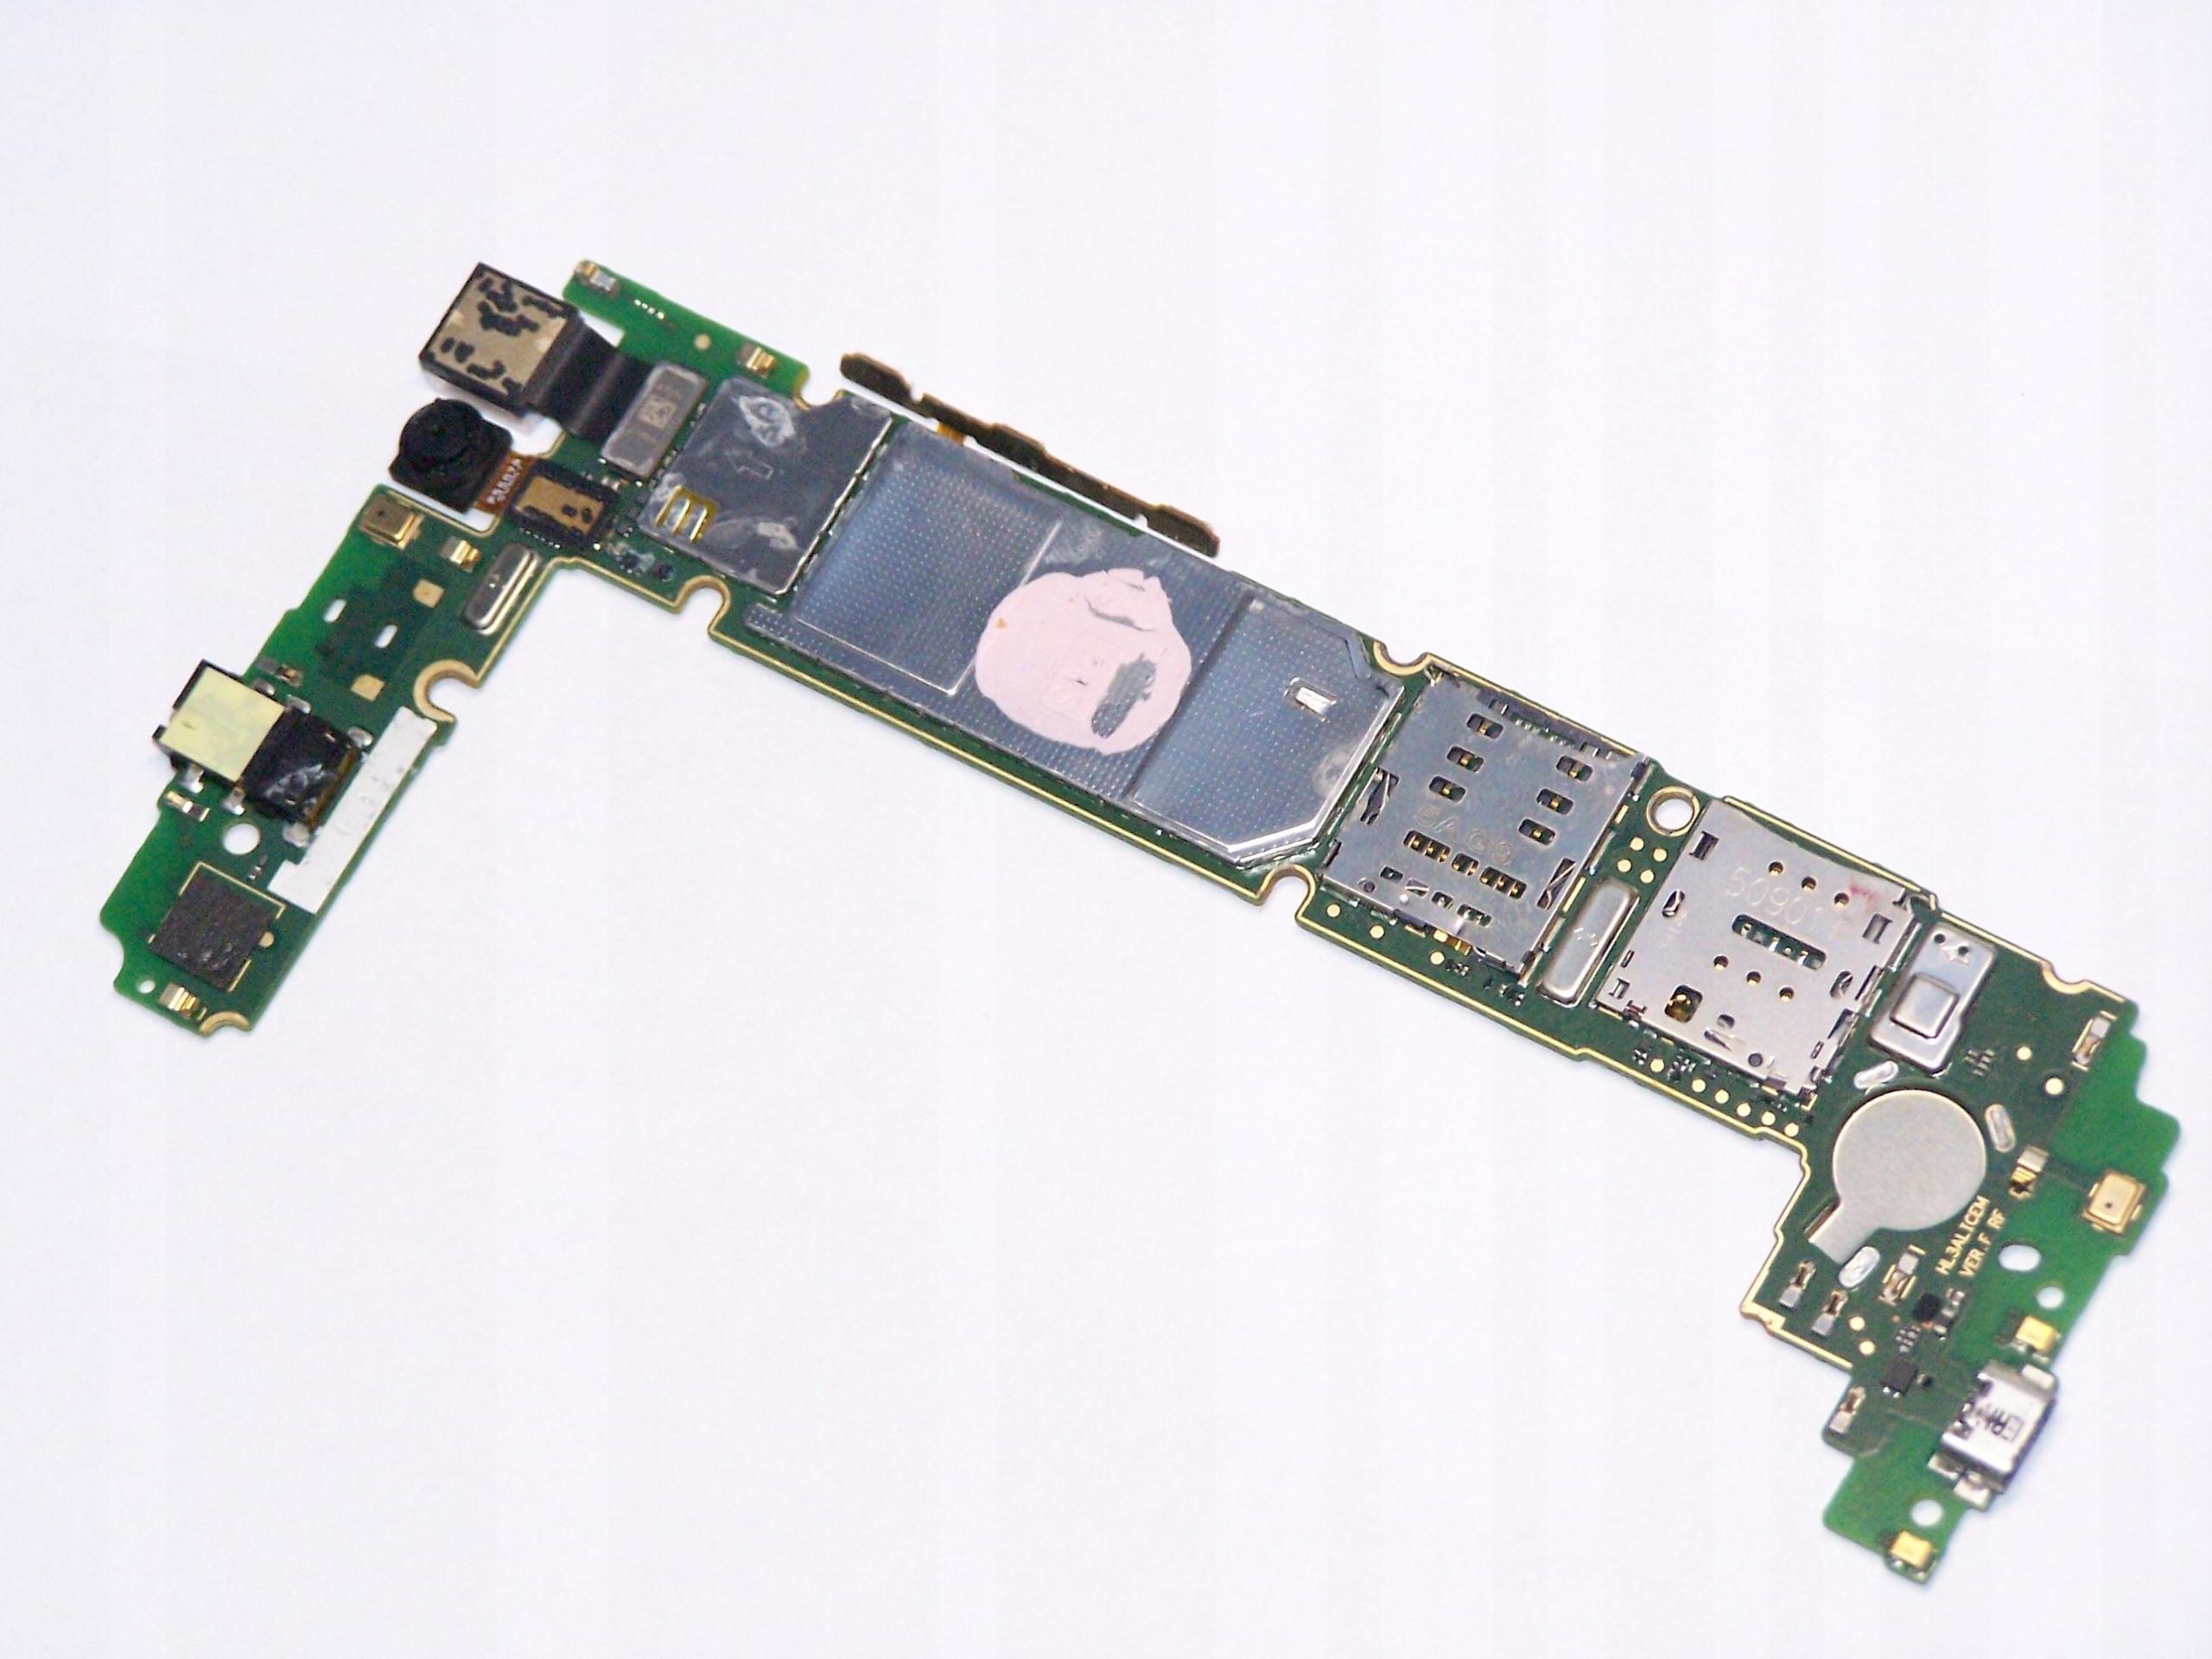 Chłodny Płyta główna Huawei P8 Lite - 7564085197 - oficjalne archiwum allegro ZK71